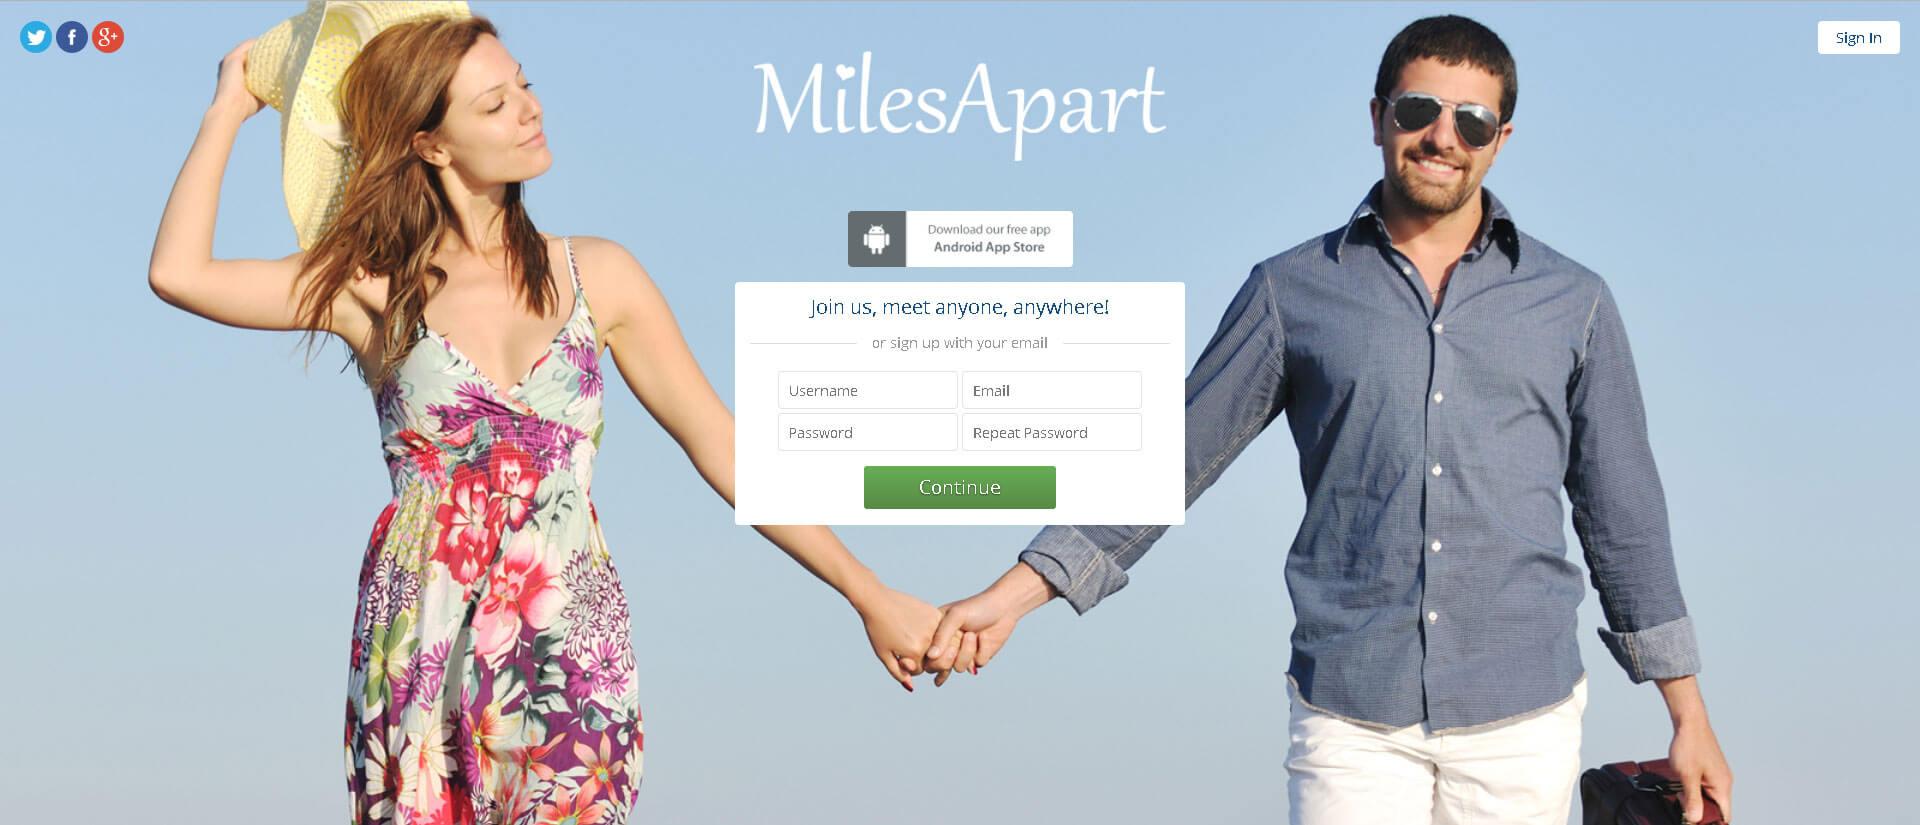 miles-apart